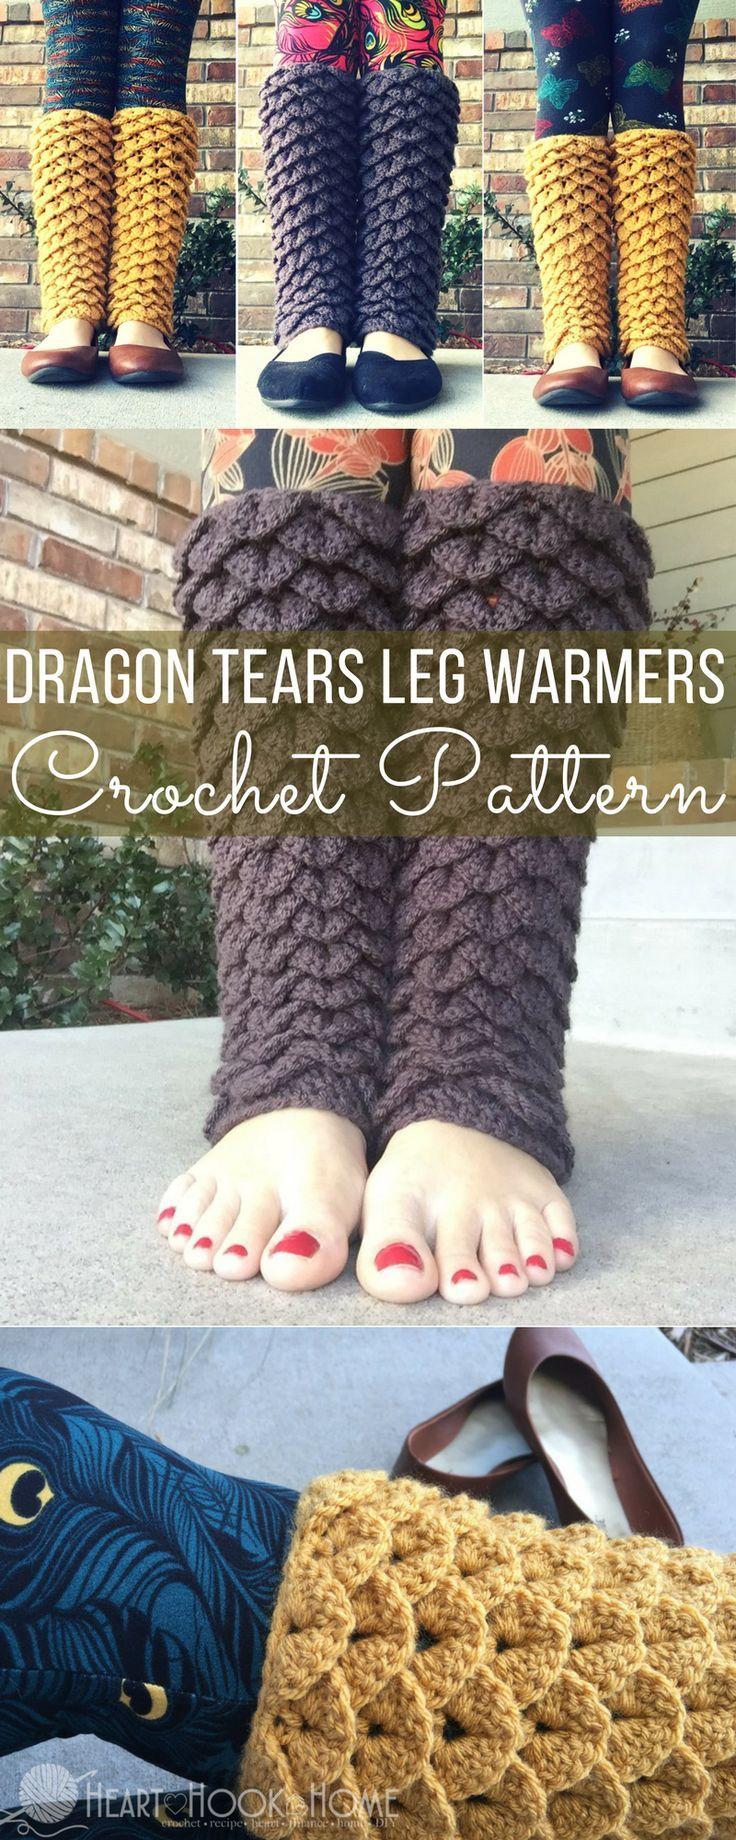 Dragon Tears Leg Warmers Crochet Pattern | Crochet | Pinterest ...